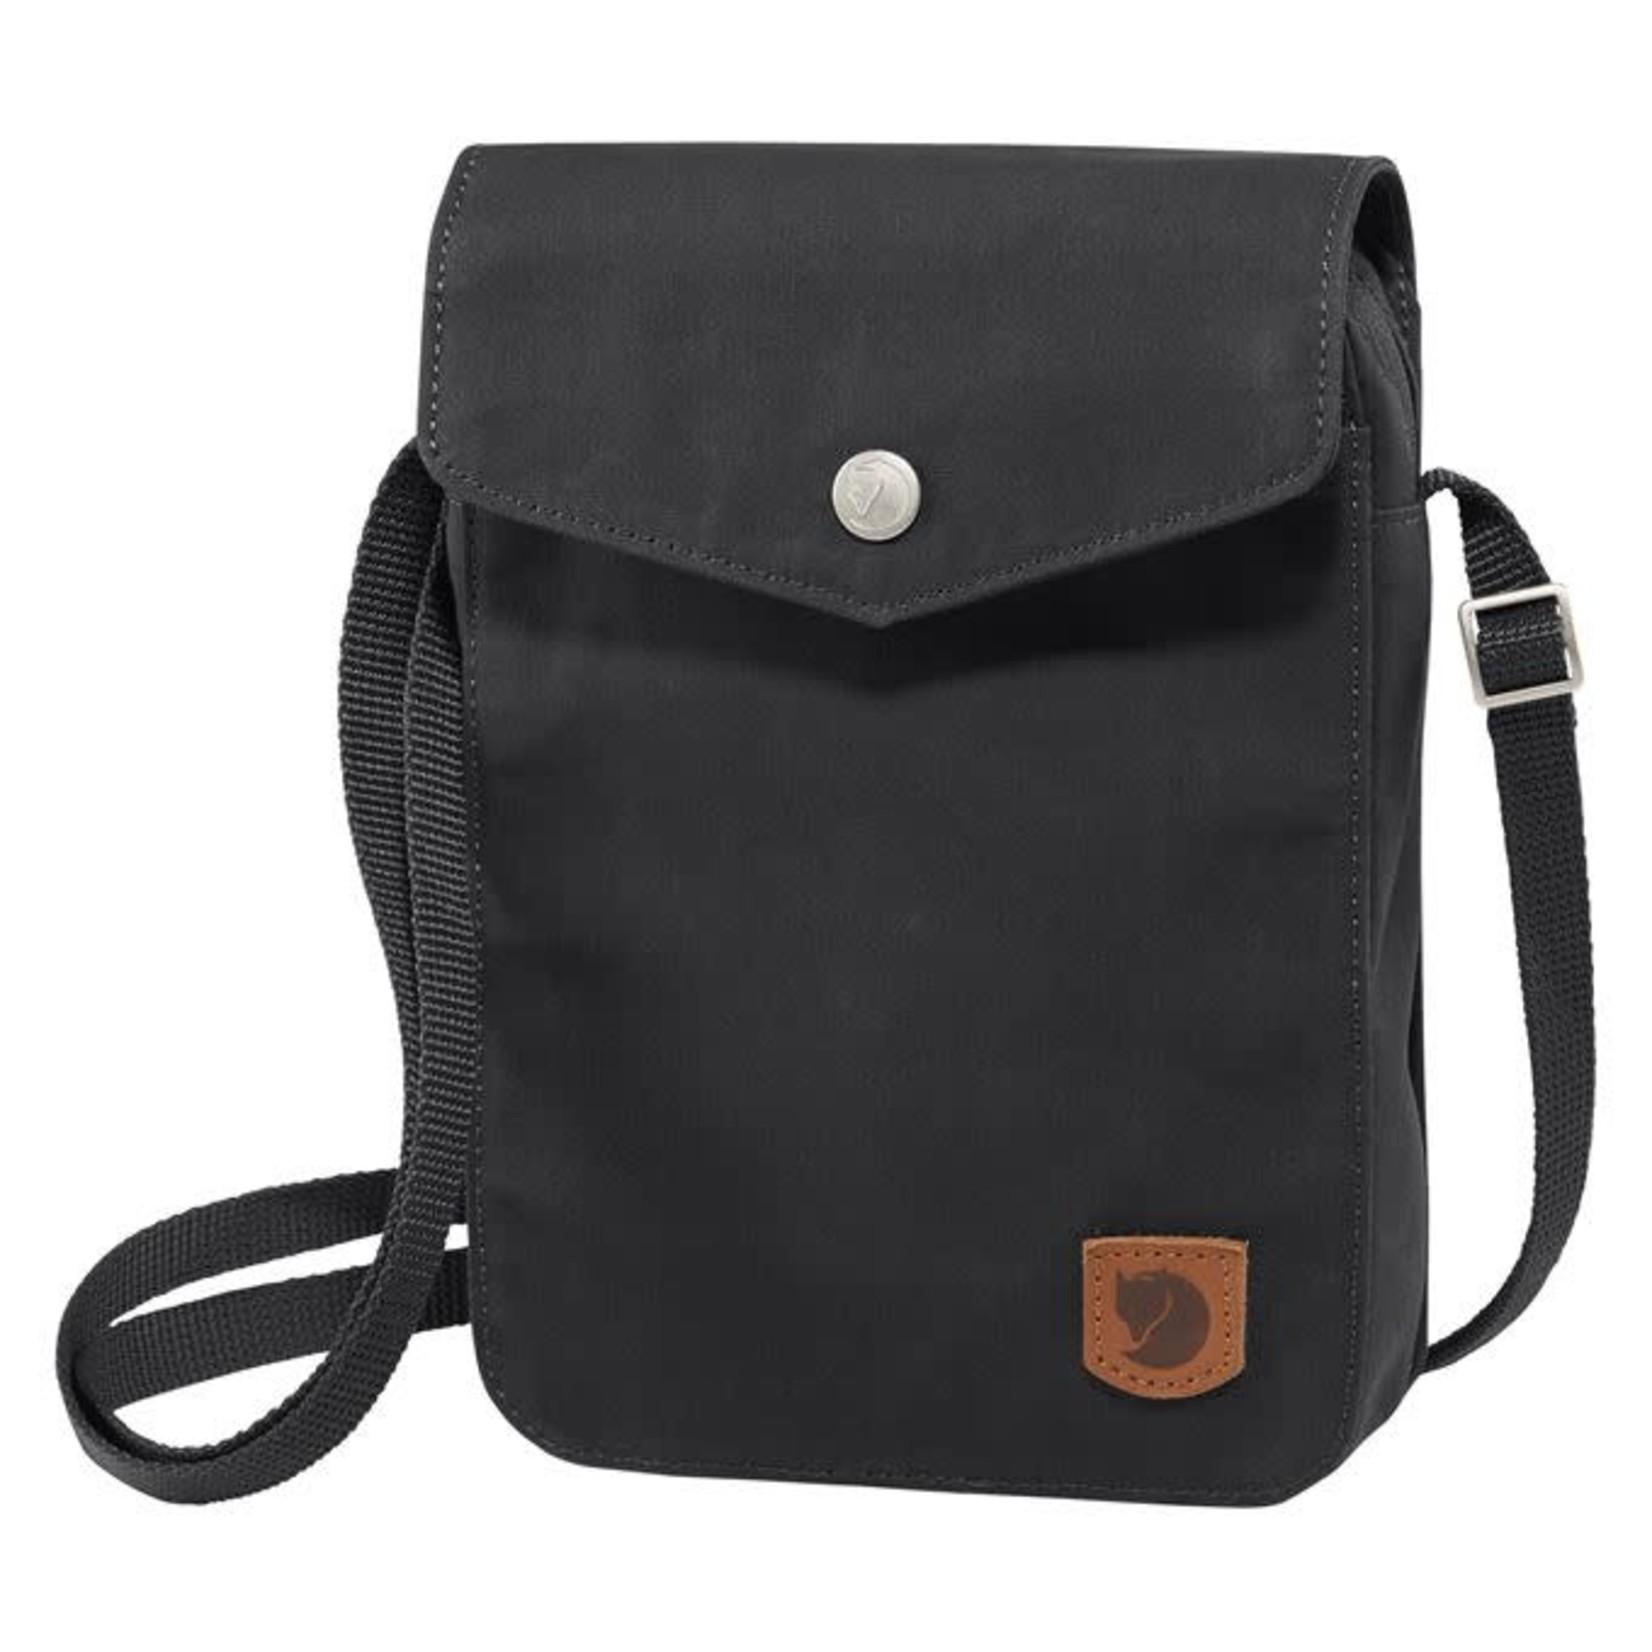 Fjallraven Fjallraven Greenland Pocket Bag